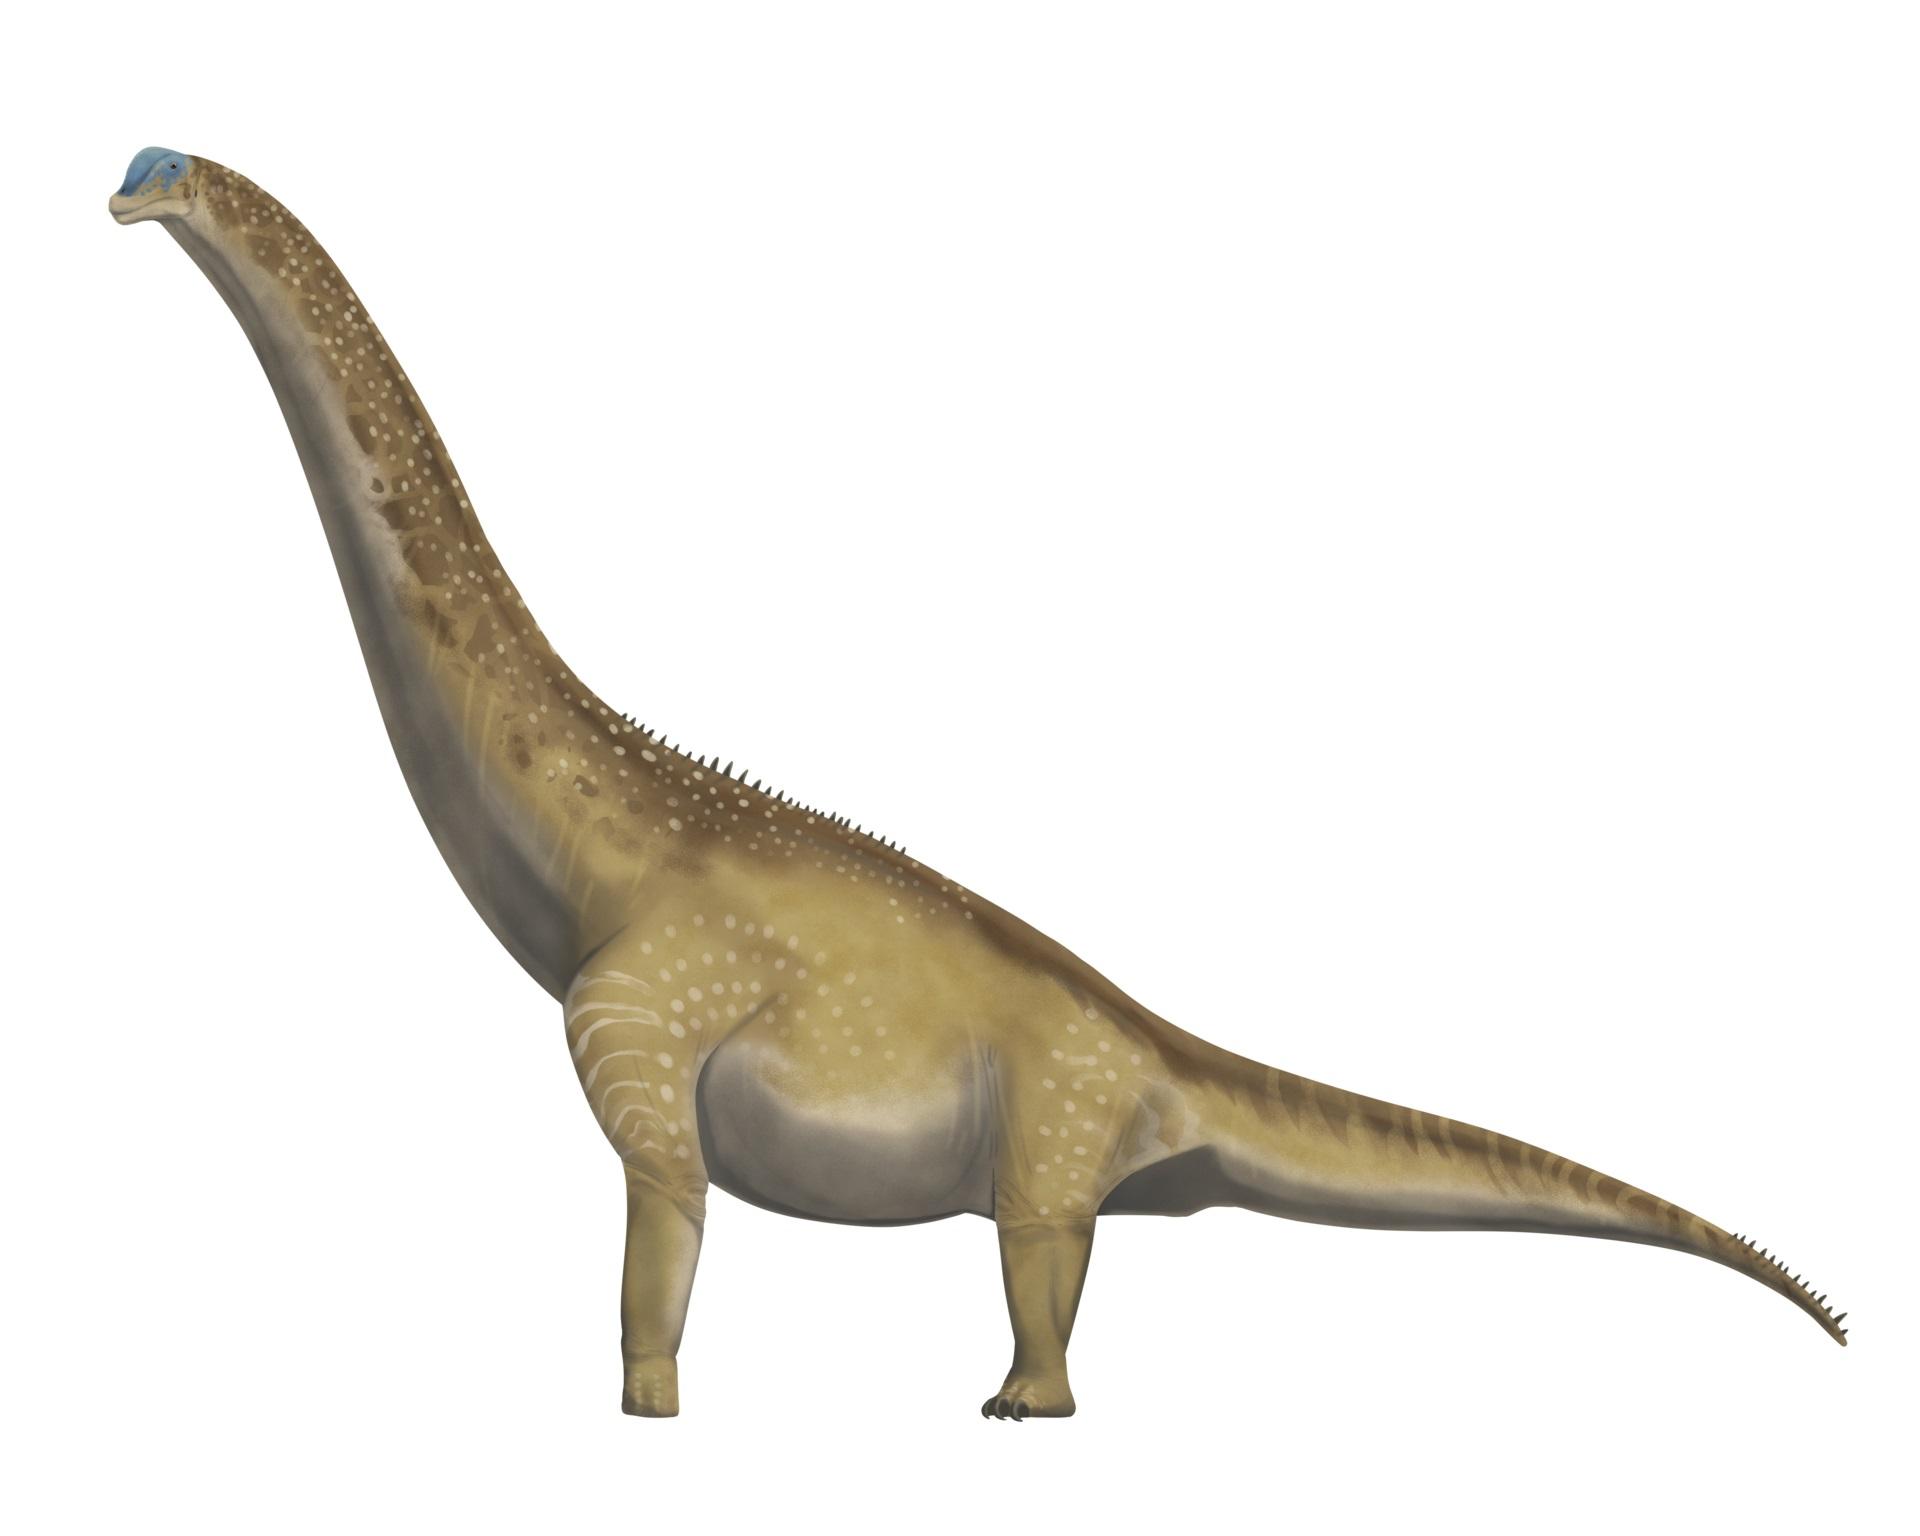 Moderní rekonstrukce možného vzezření dospělého exempláře brachiosaurida druhu Brachiosaurus altithorax. Ačkoliv záhadný severoafrický sauropod nepatřil do stejného rodu a možná ani stejné čeledi, byl podobně velkým tvorem. Nezbývá než doufat, že nám